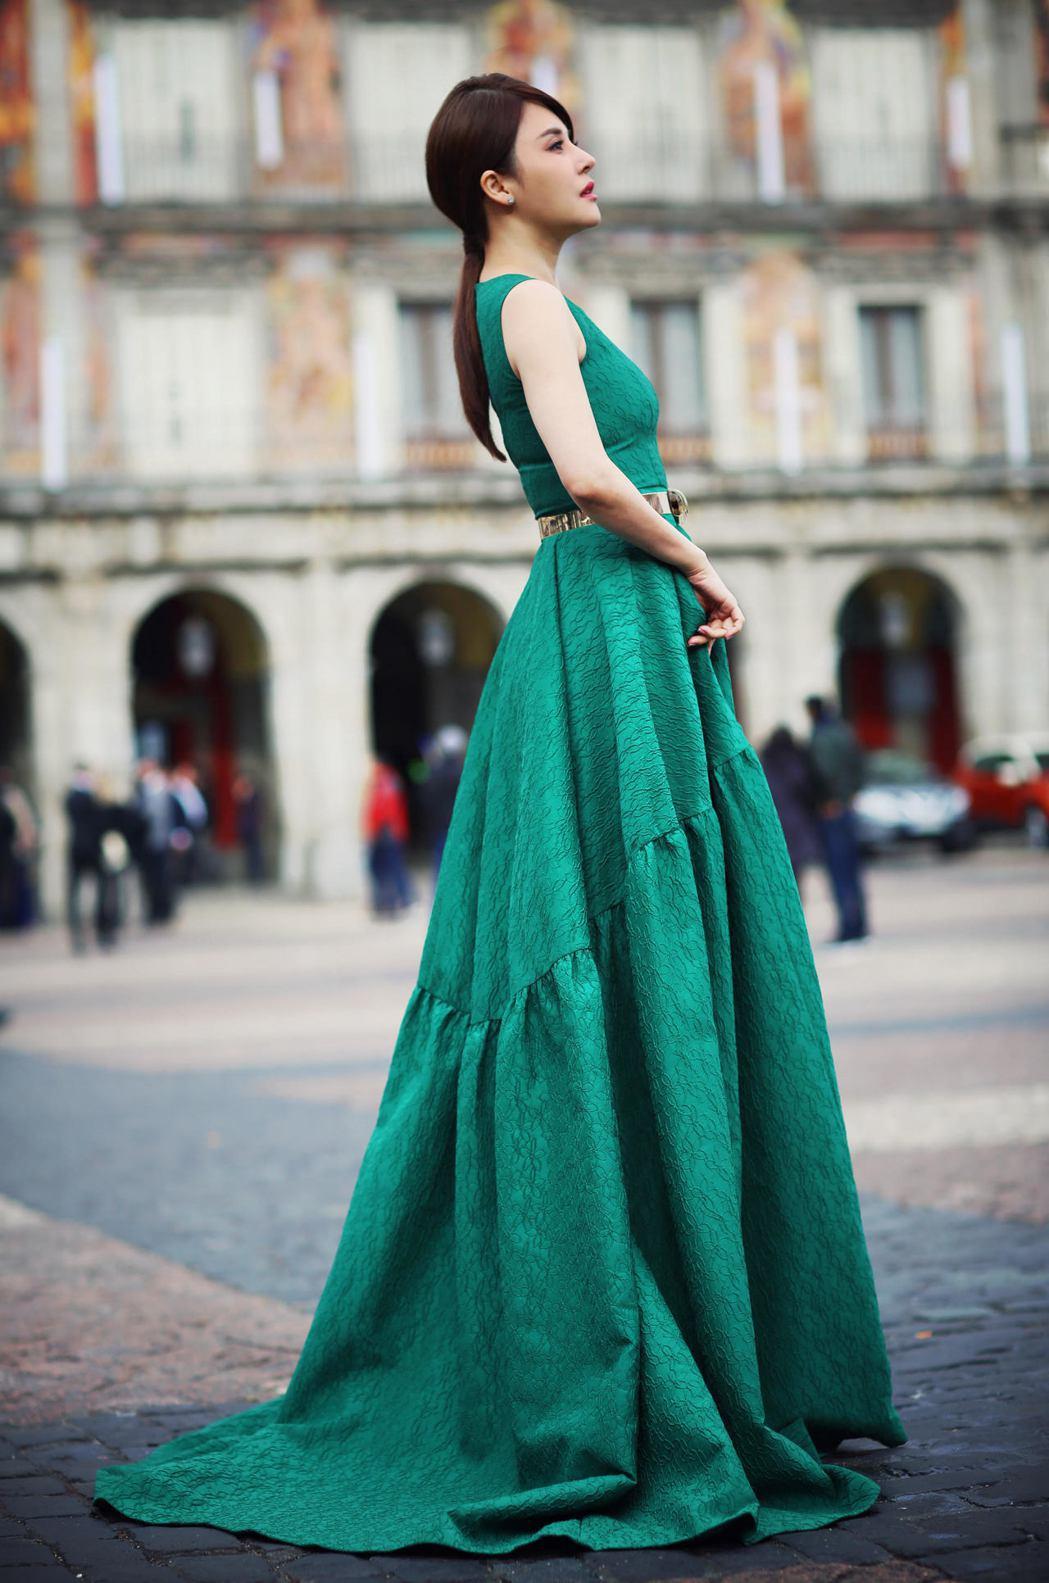 穆熙妍到西班牙拍攝時尚美照。圖/英格列斯百貨公司提供